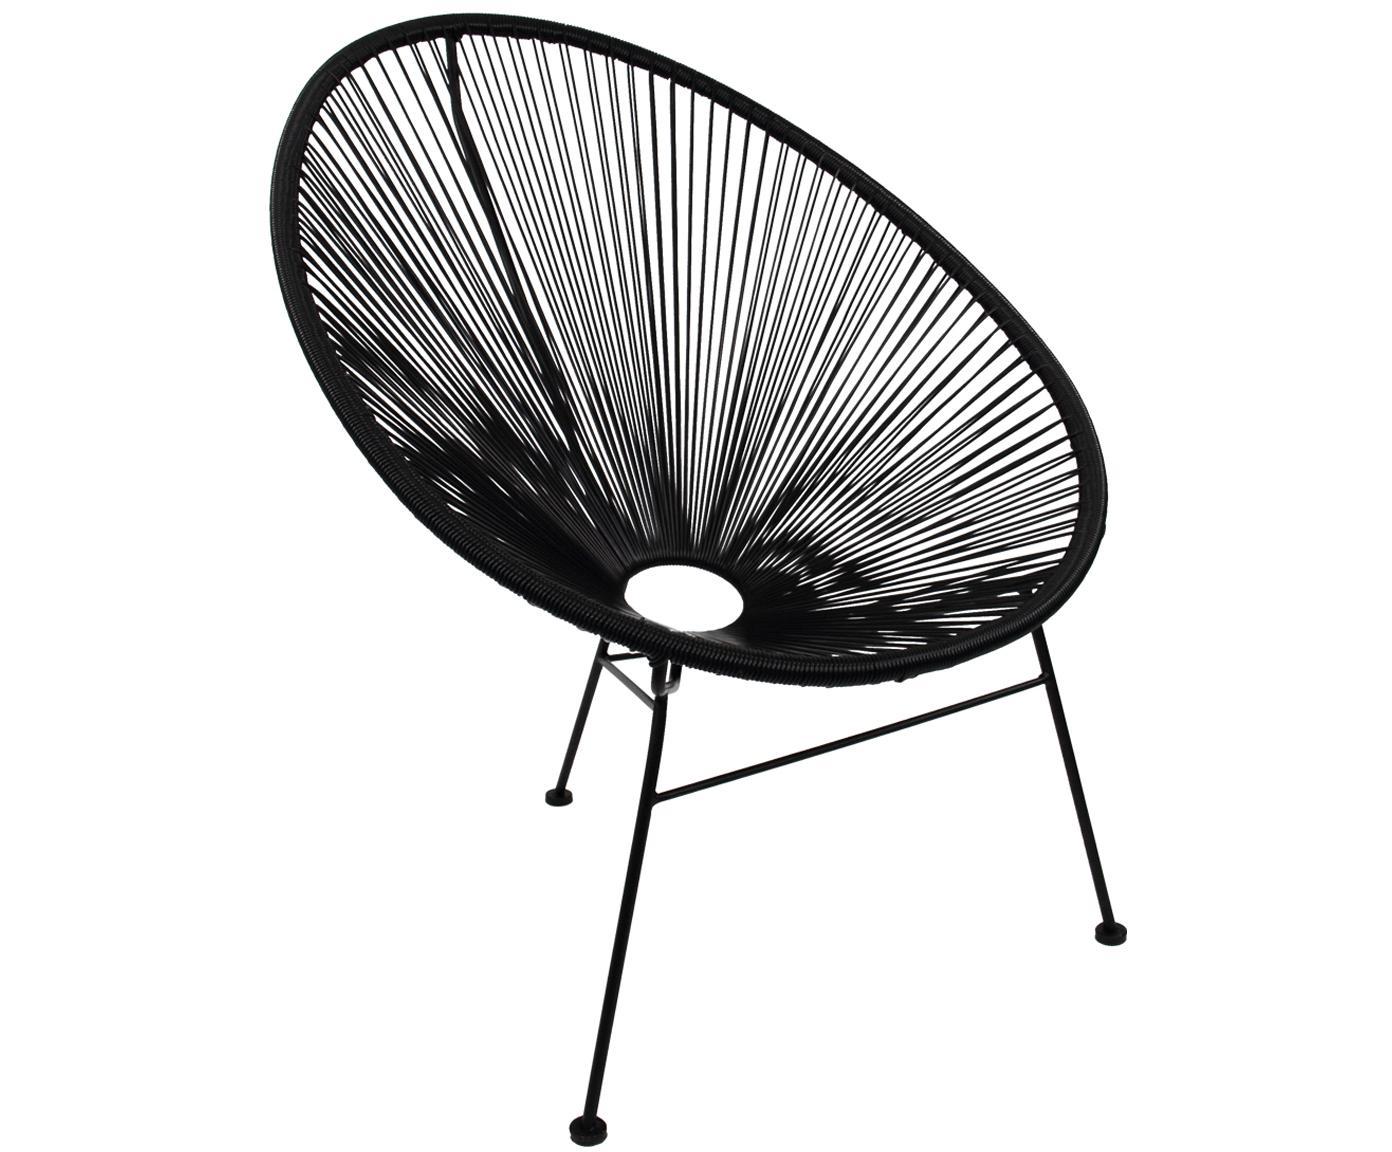 Krzesło ogrodowe Mailand, Siedzisko: czarny<br>Rama: czarny, malowana proszkowo, 81 x 88 cm